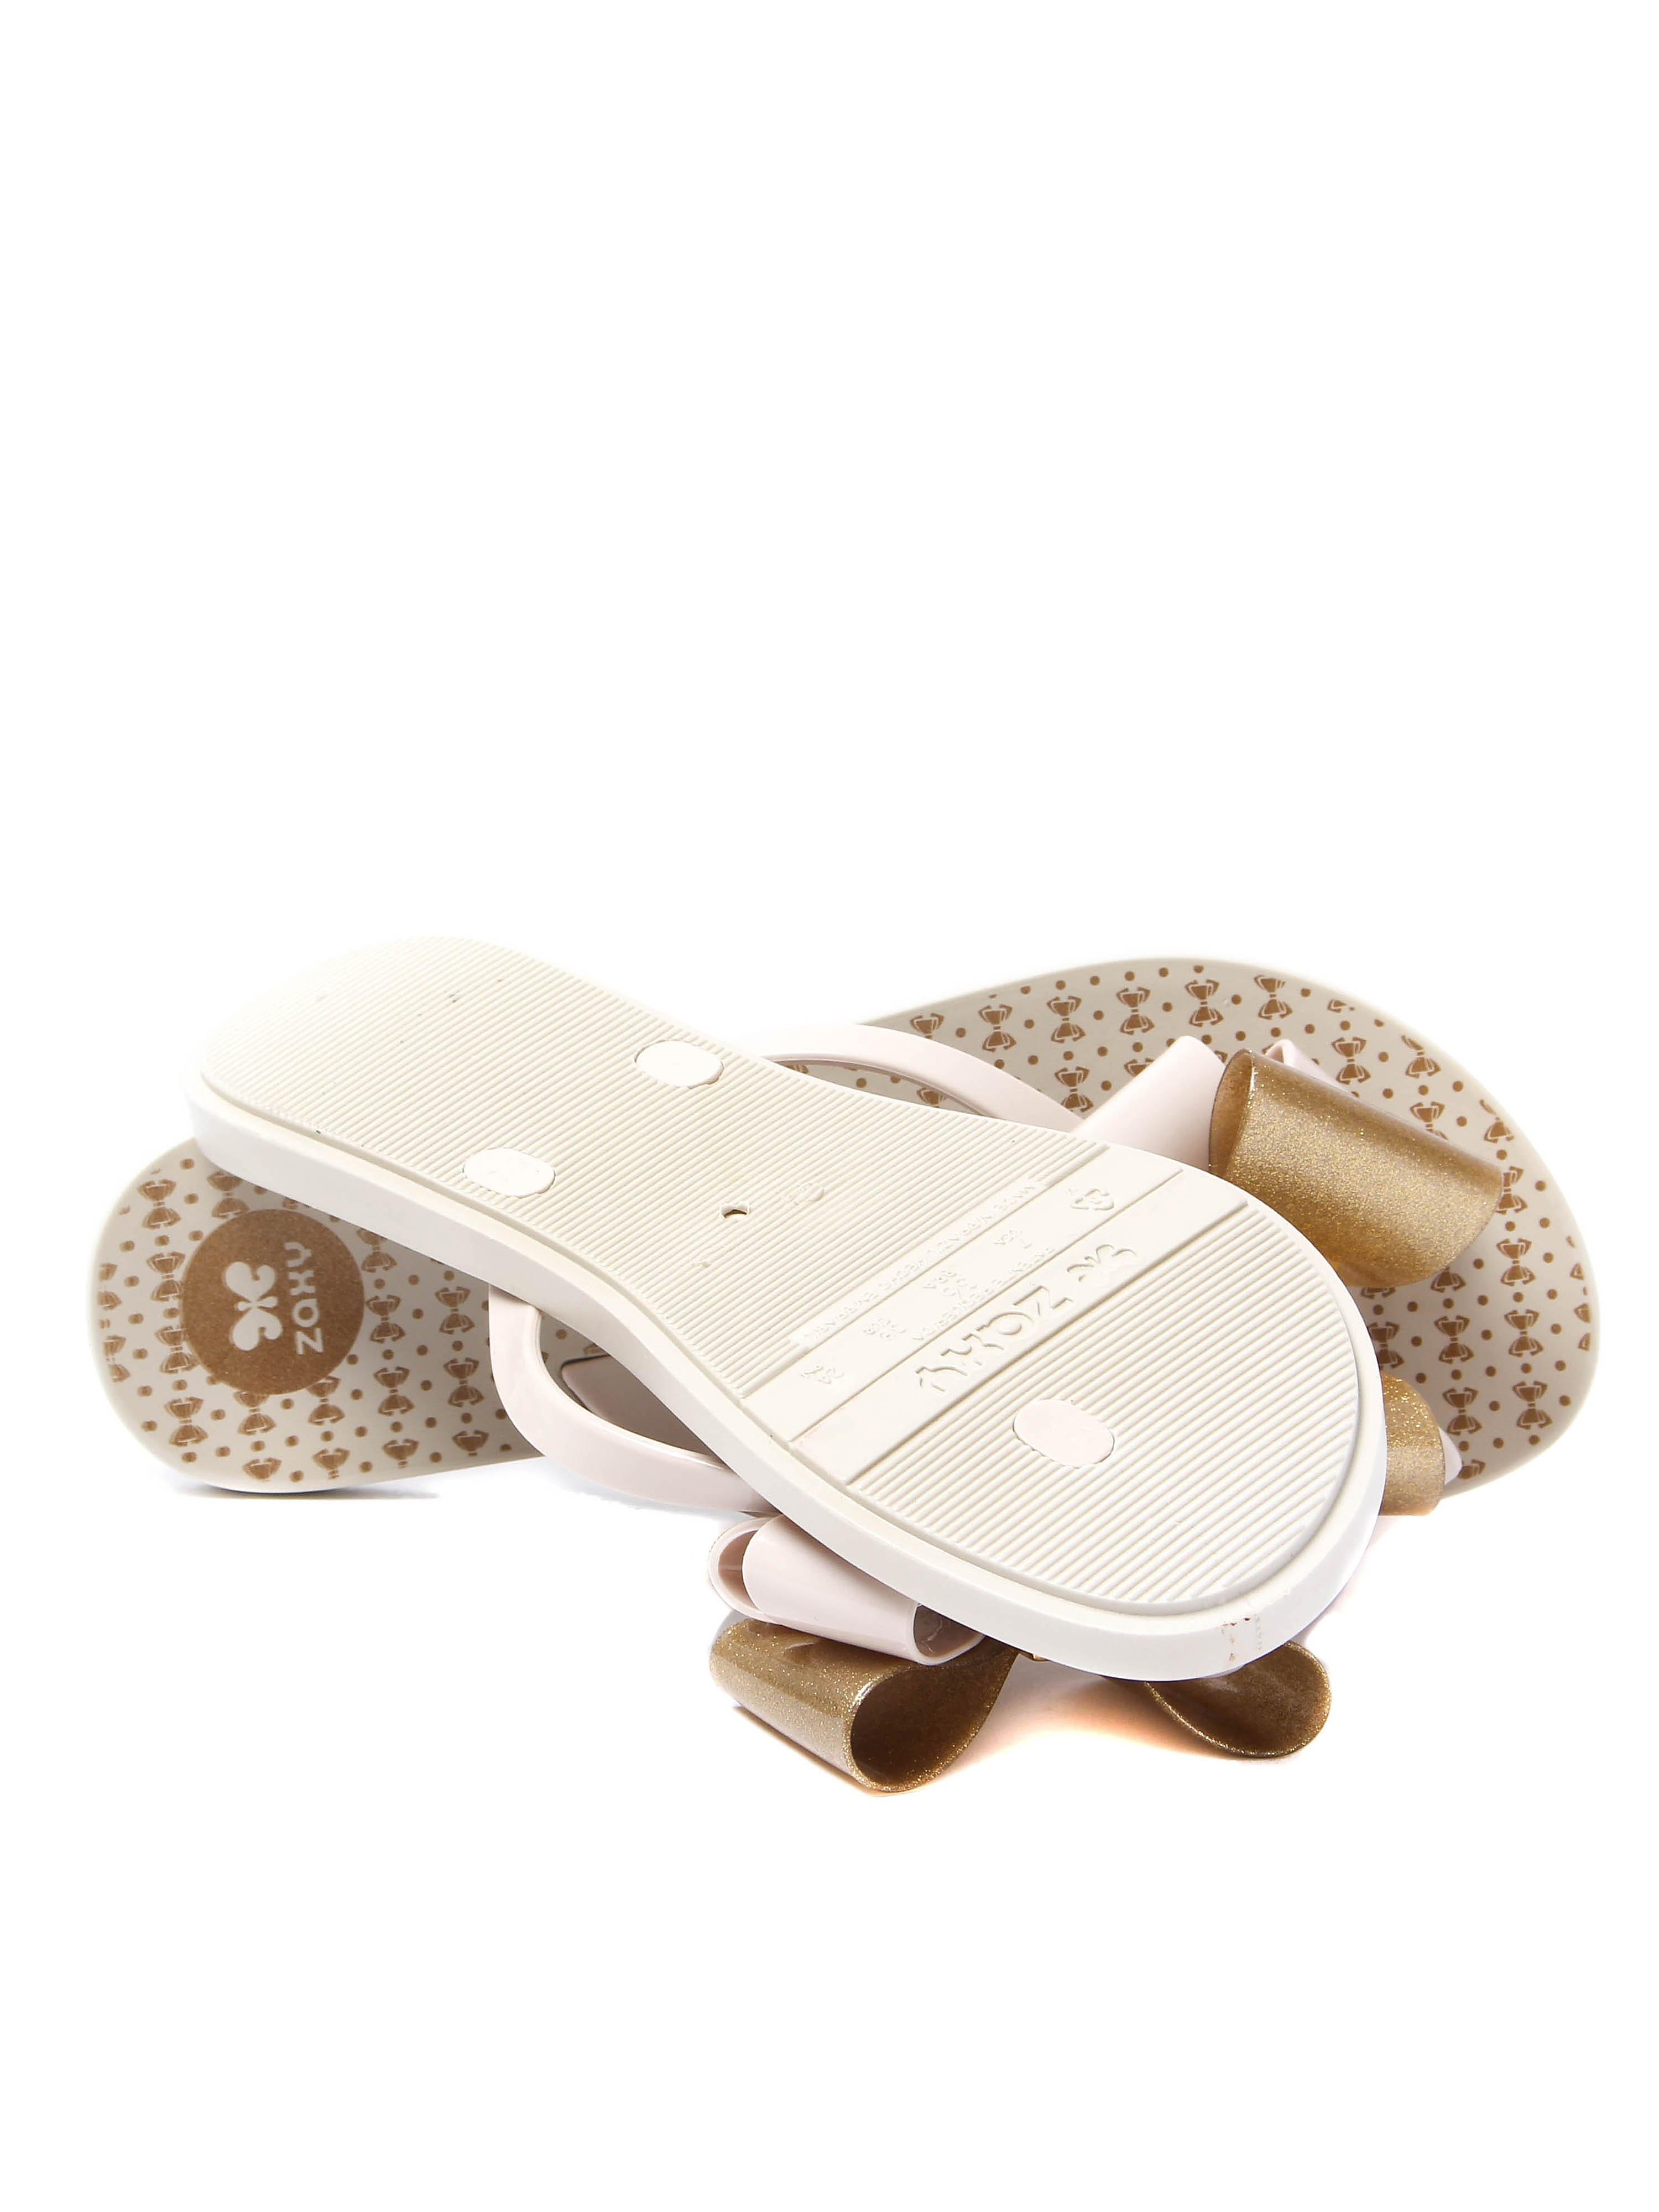 Zaxy Women's Link Twin Bow Flip Flops - White/Gold